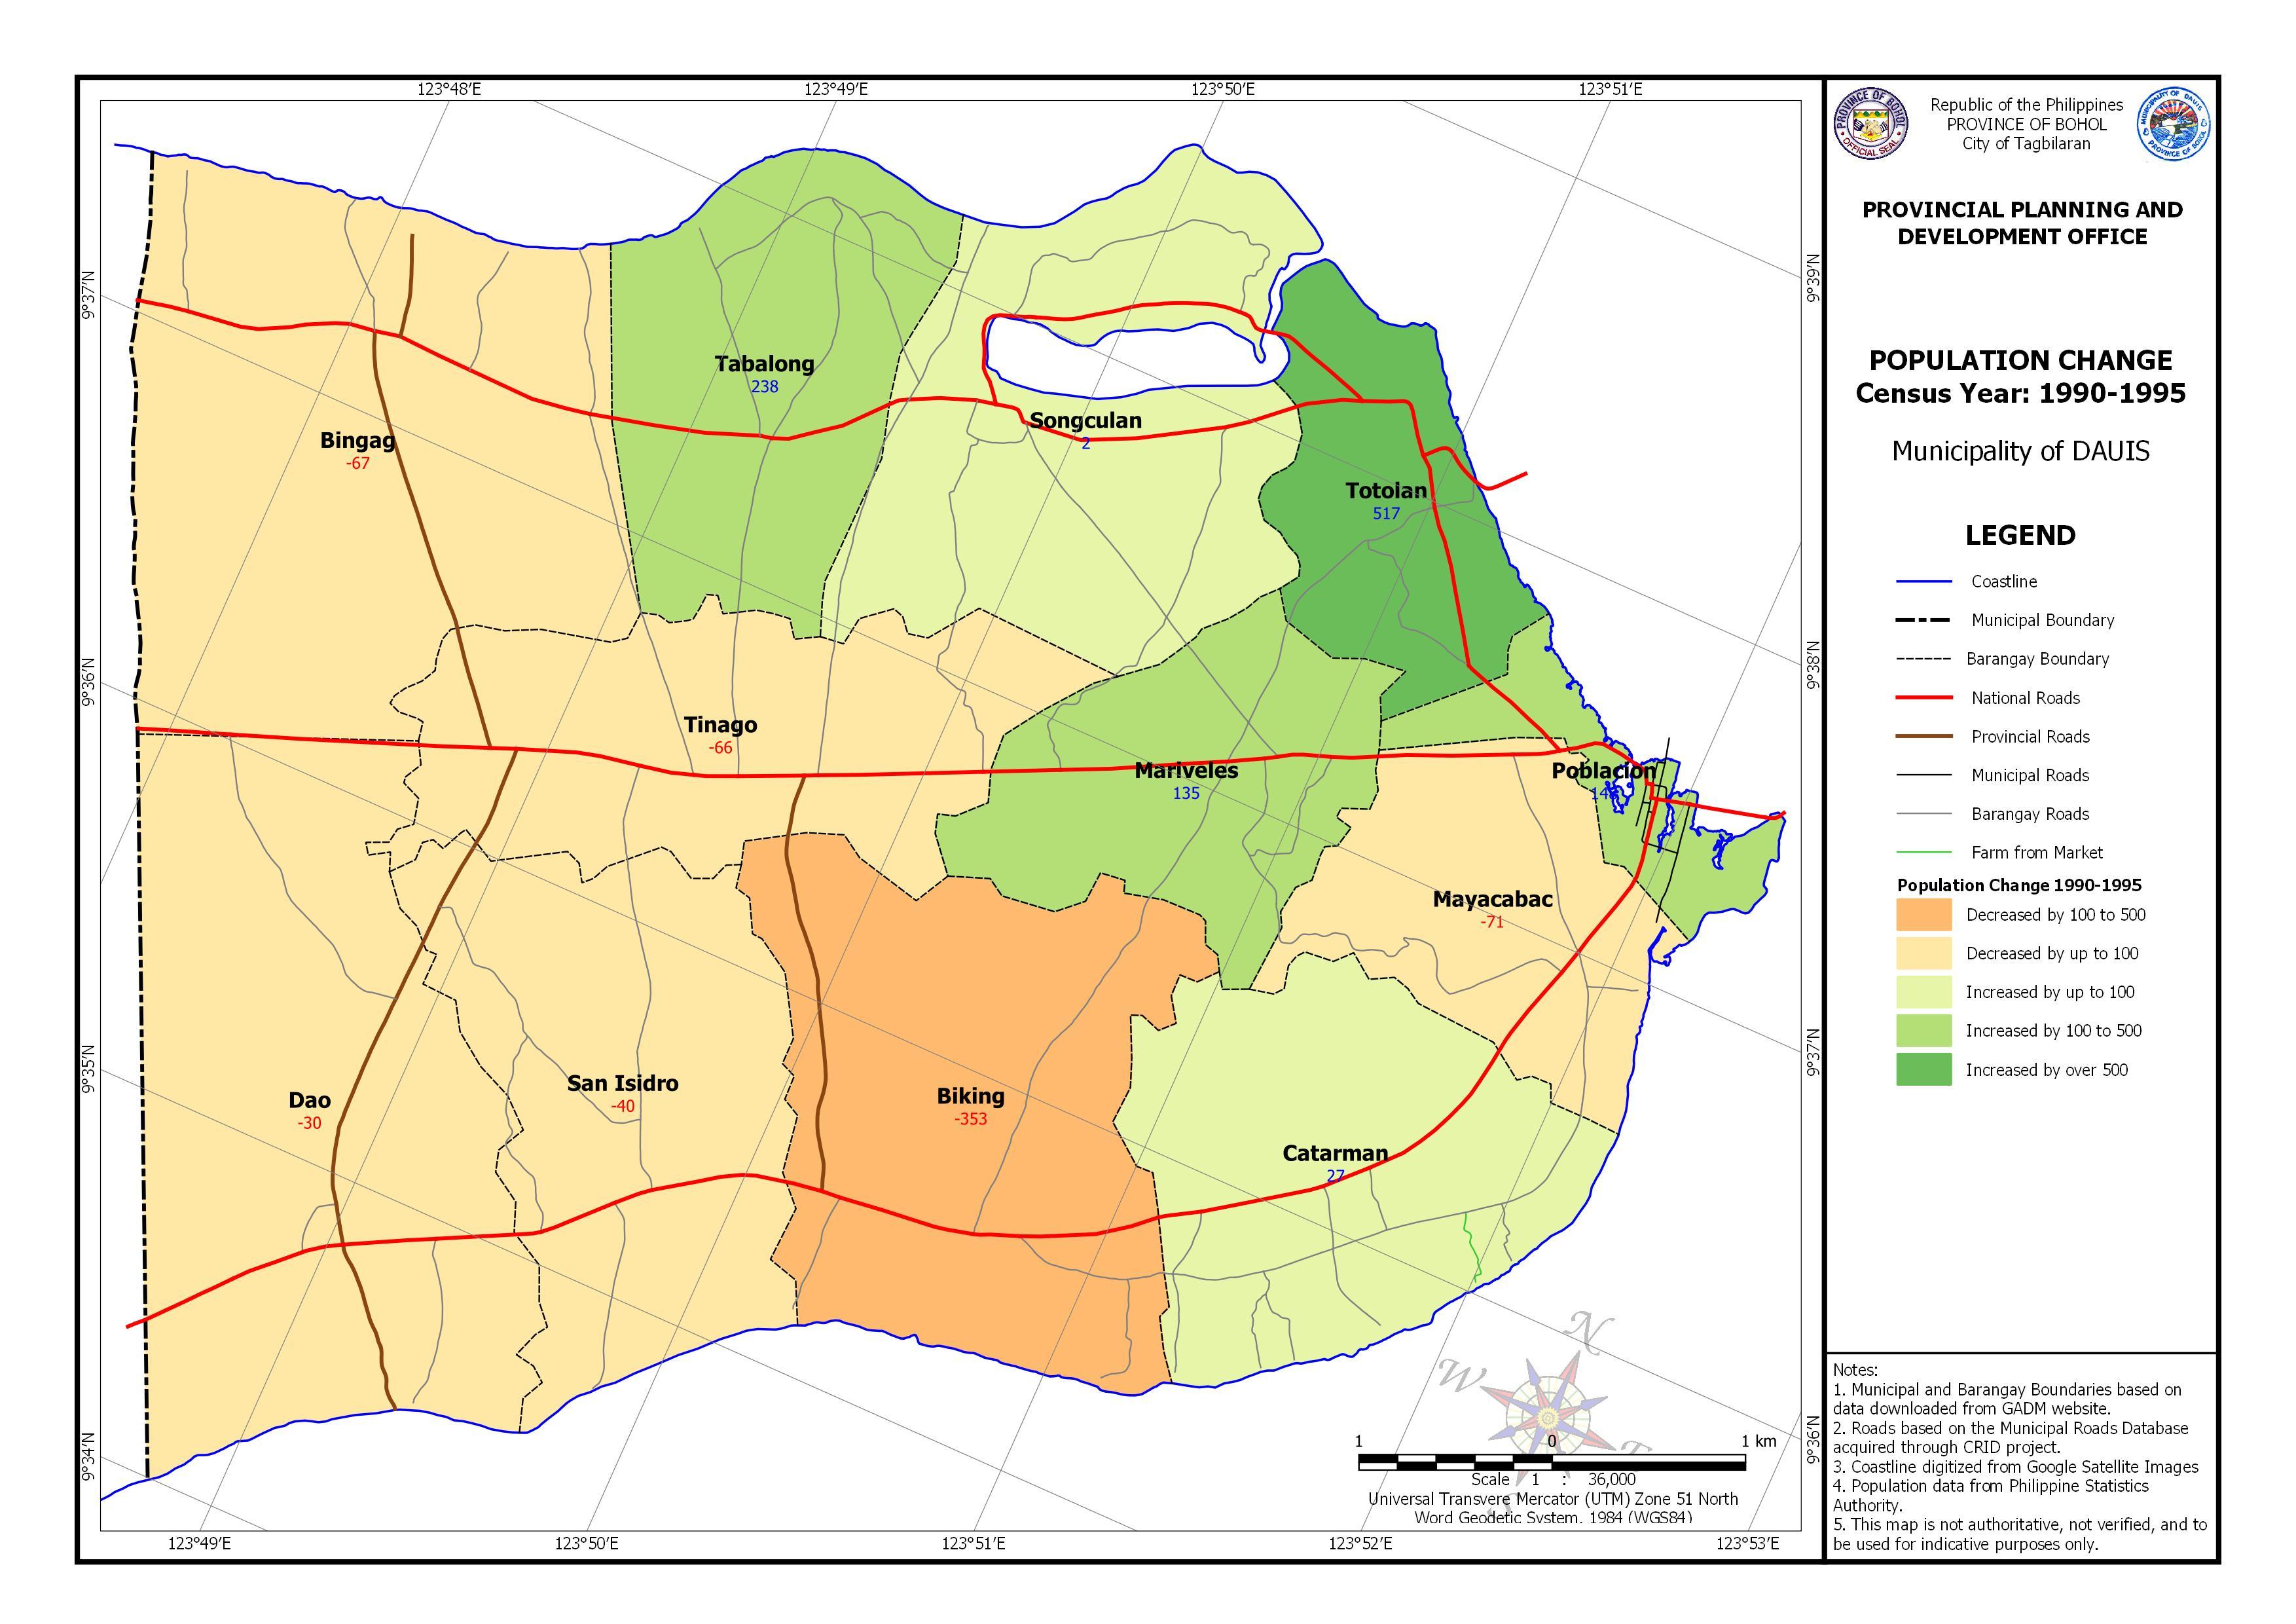 Population Change Census Year: 1995-2000